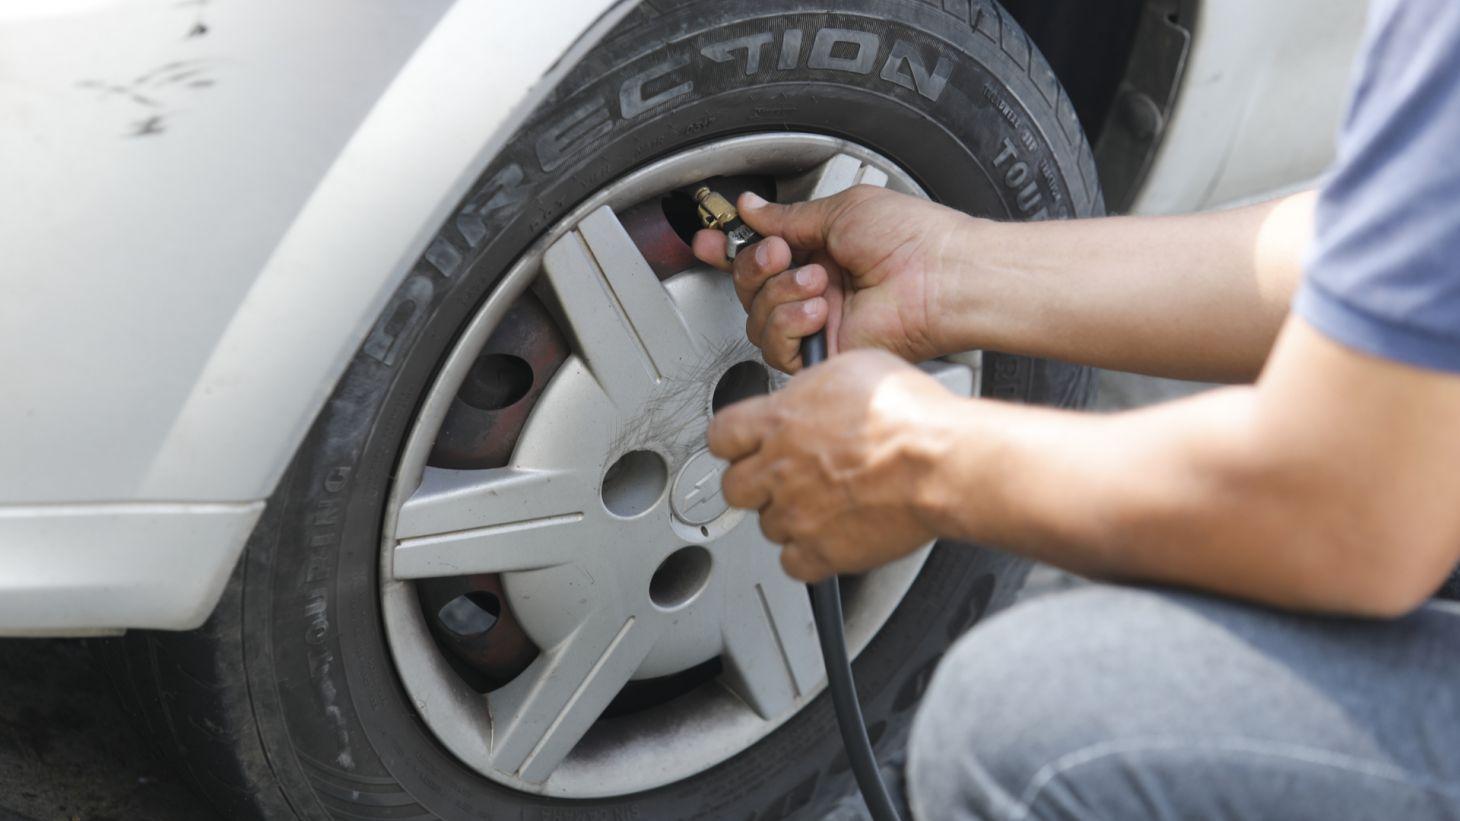 dono proprietario homem calubrando pneu dianteiro esquerdo carro automovel